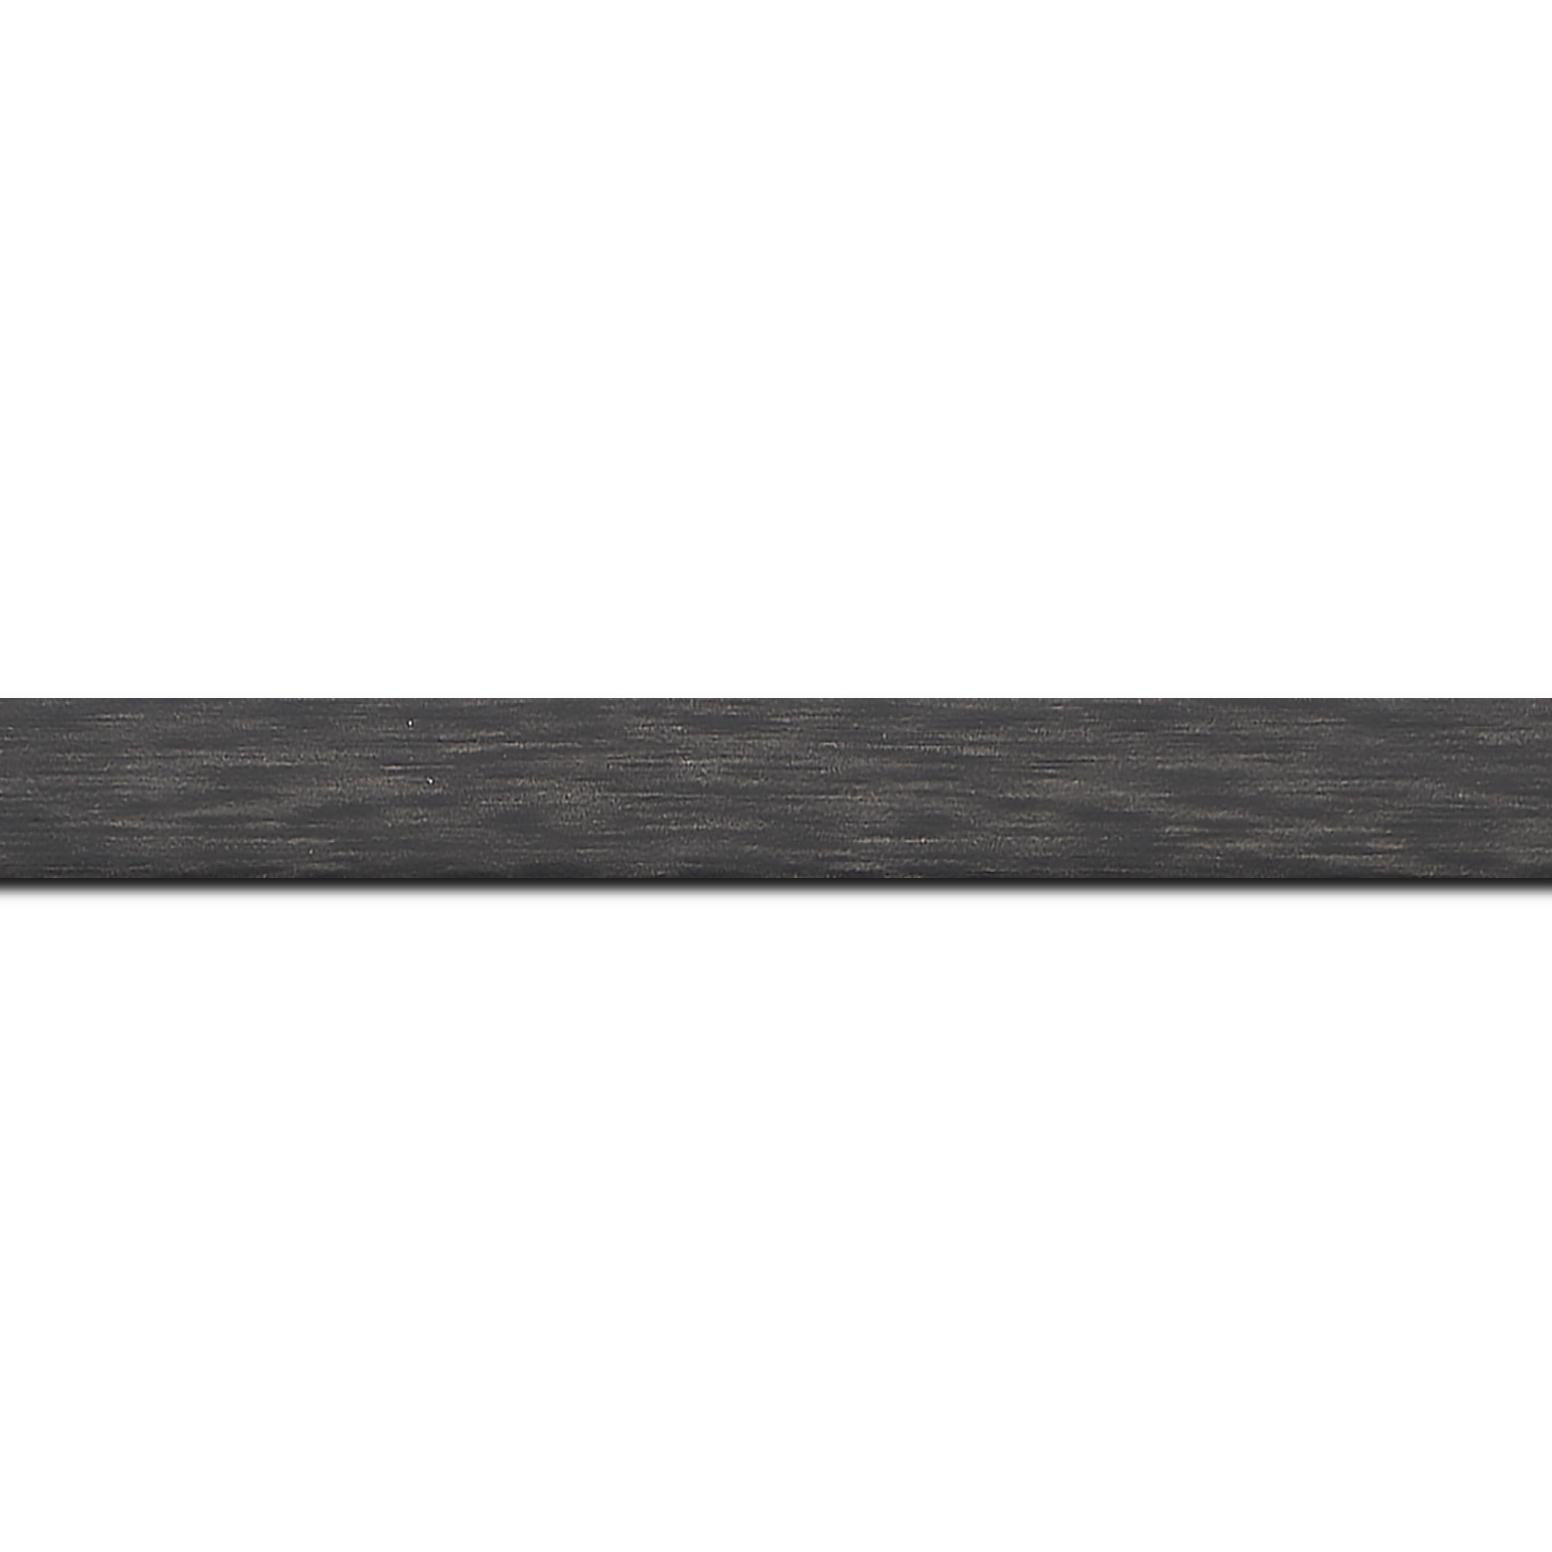 Baguette longueur 1.40m bois profil plat effet cube largeur 2cm couleur ton bois anthracite